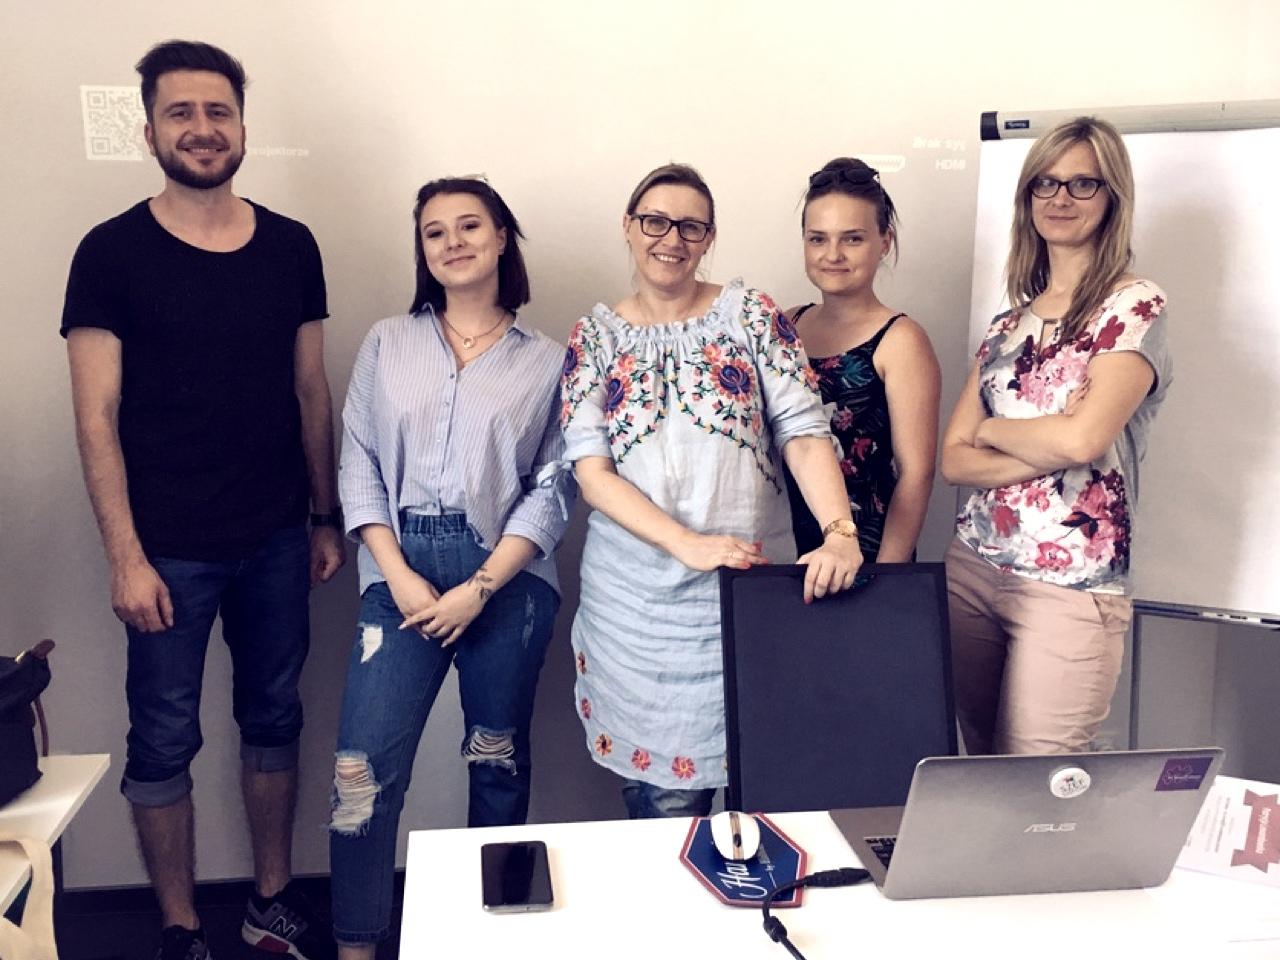 Szkolenie Event Design – rola scenografii w projektowaniu wydarzeń EMTG